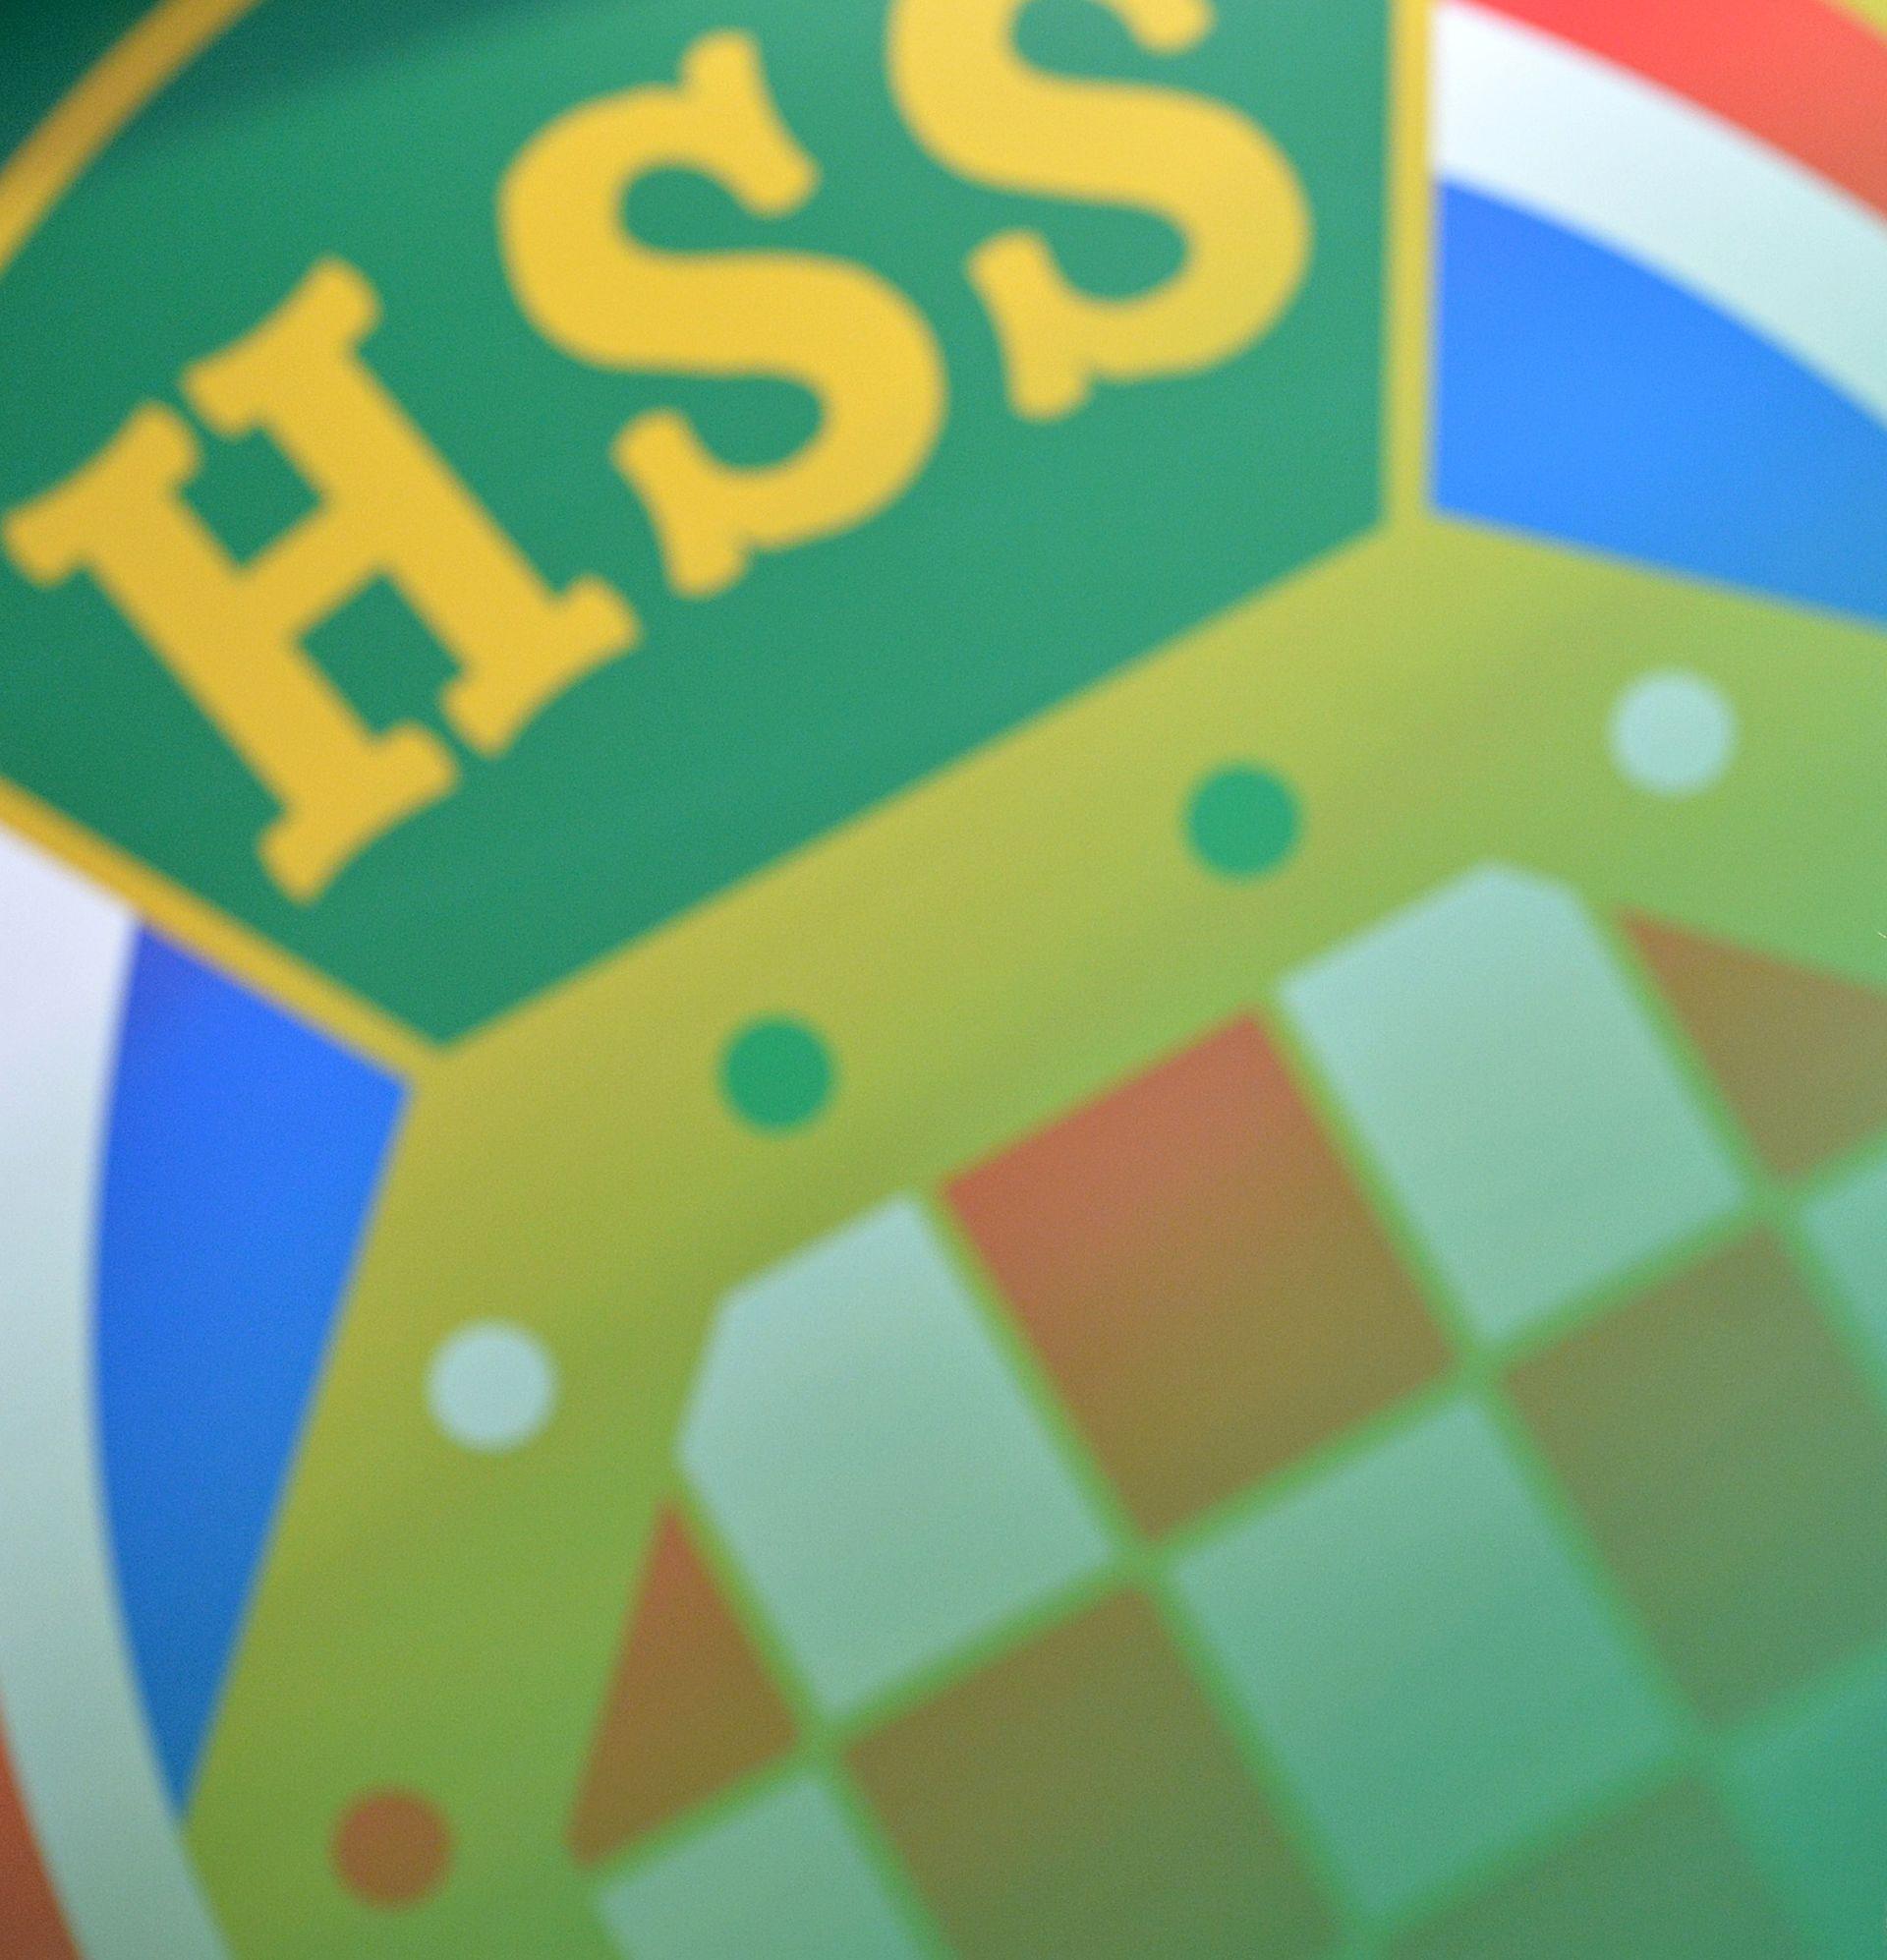 Bogdanović HSS-ovce koji su izašli iz dubrovačke organizacije optužio za uništavanje stranke